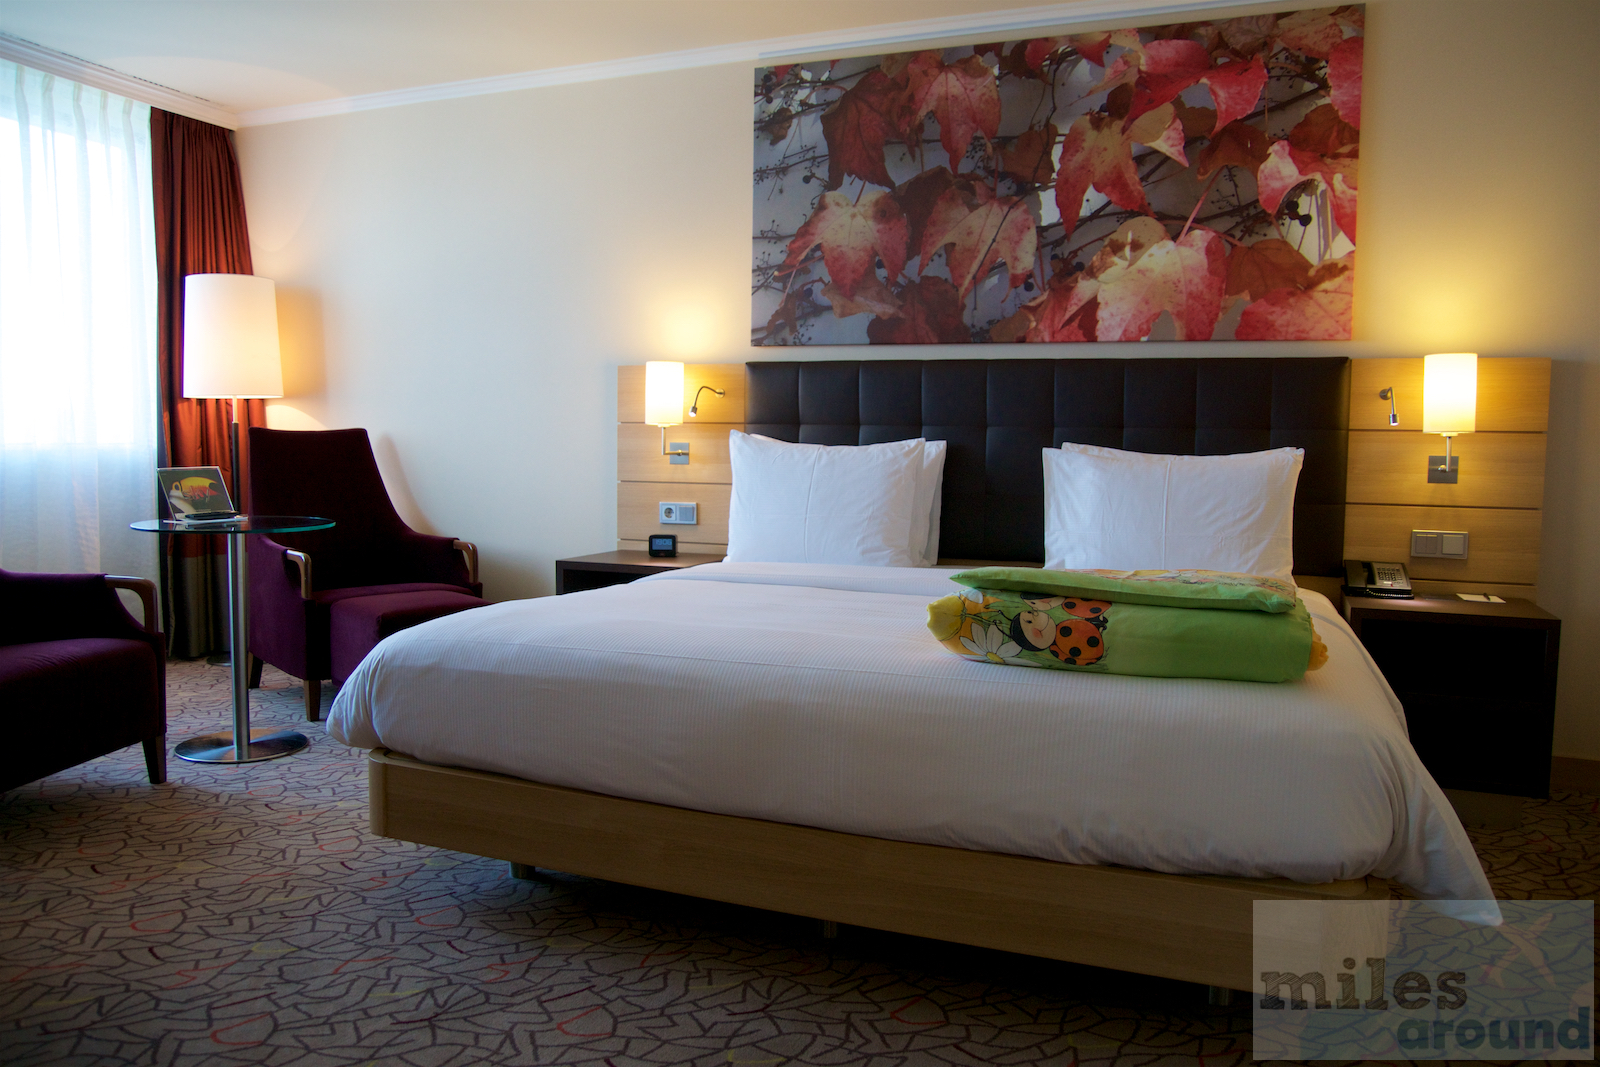 King size bett king size bett kreatives haus design top for Design hotel eifel bewertung